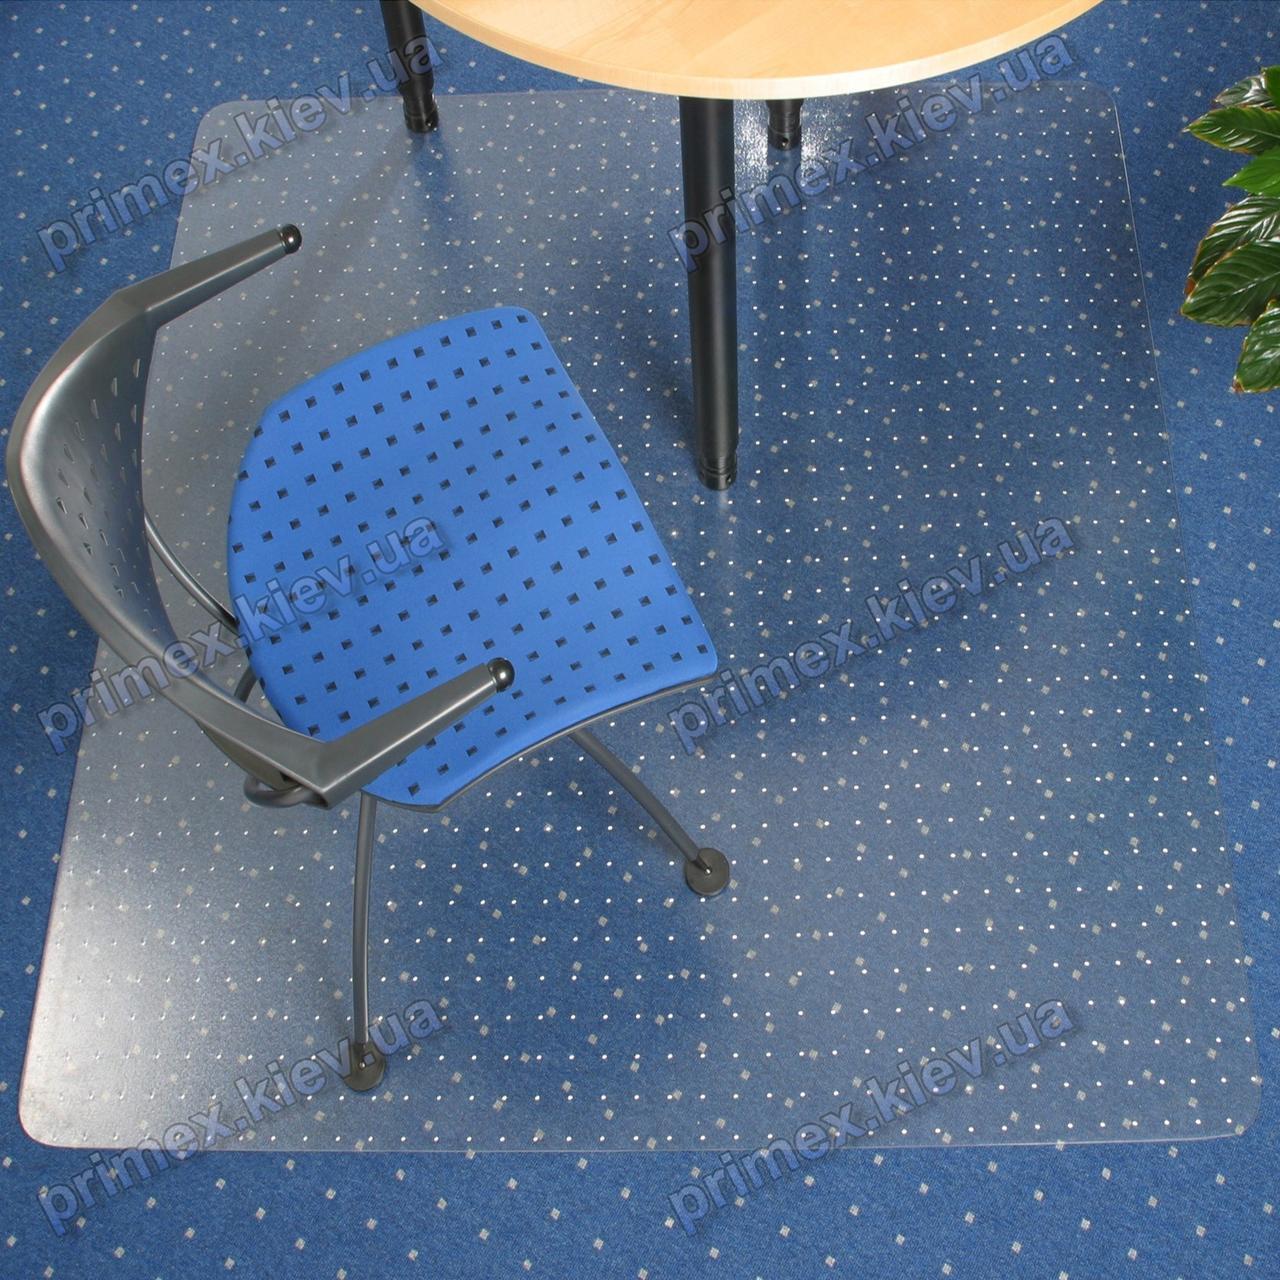 Ковер под кресло прозрачный 121х121см Германия для ковролина. Толщина 2,3мм